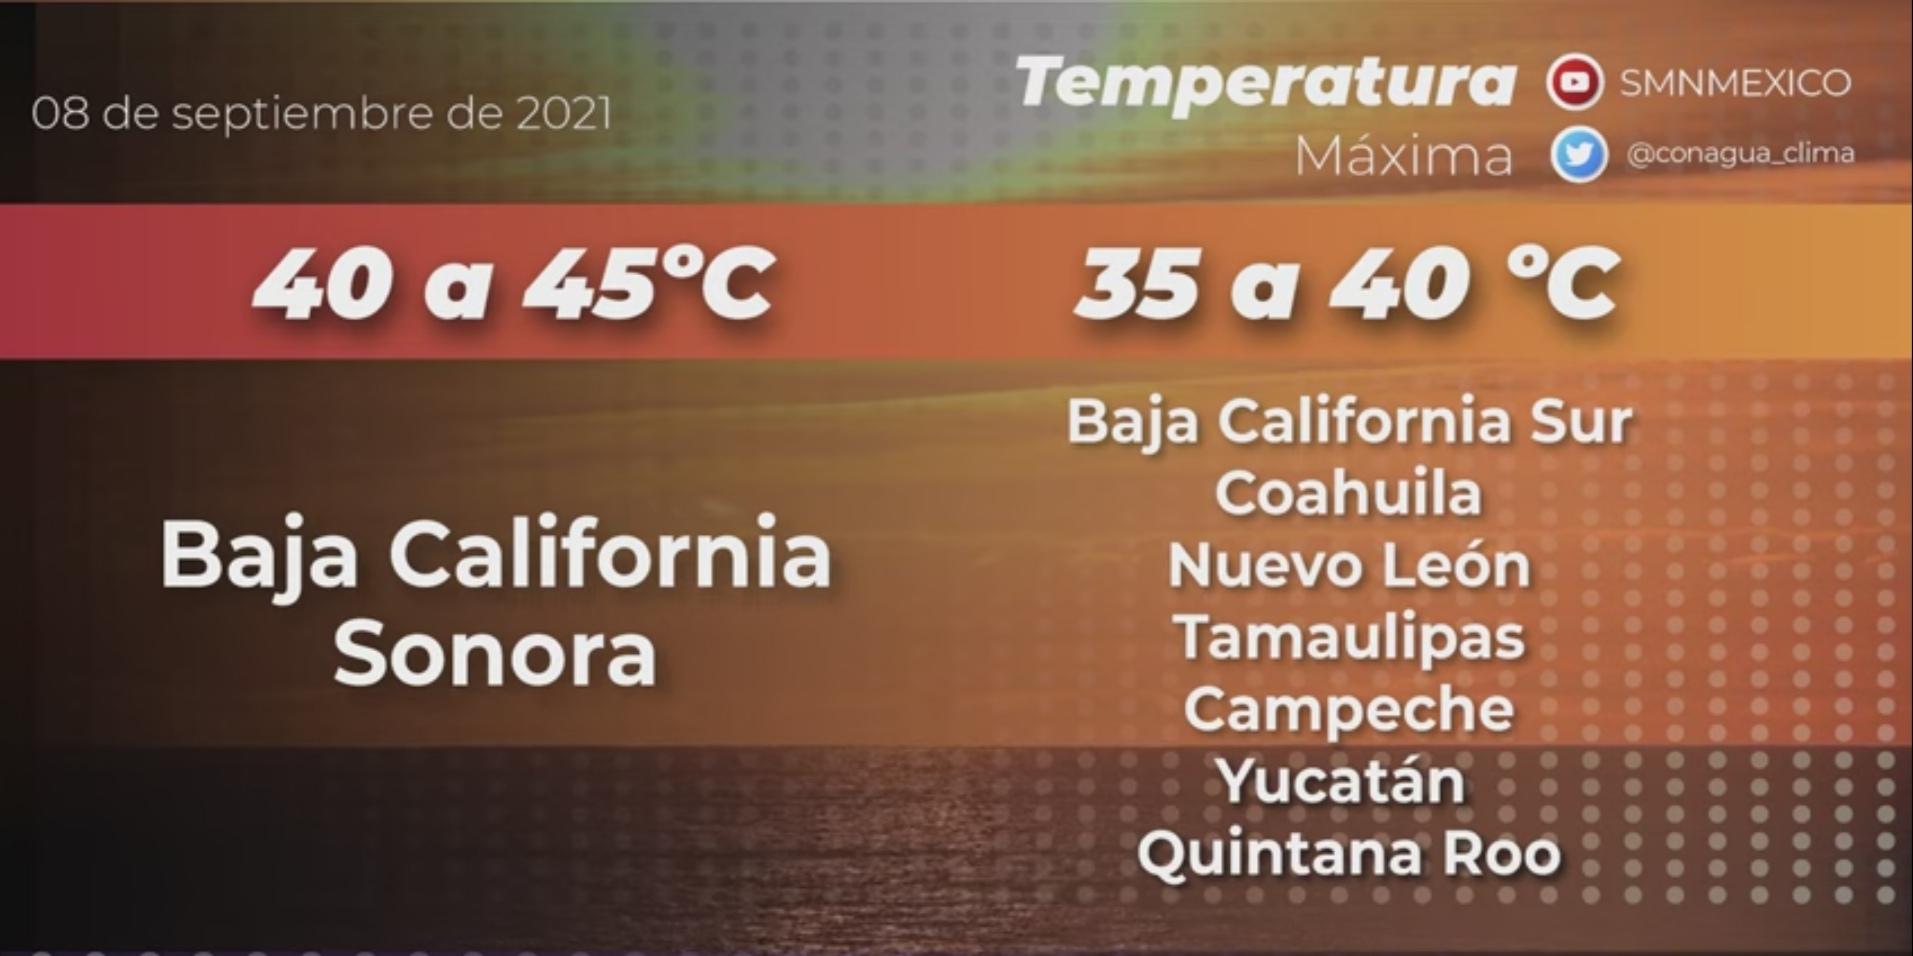 México clima- Estados con pronóstico de Temperaturas máximas